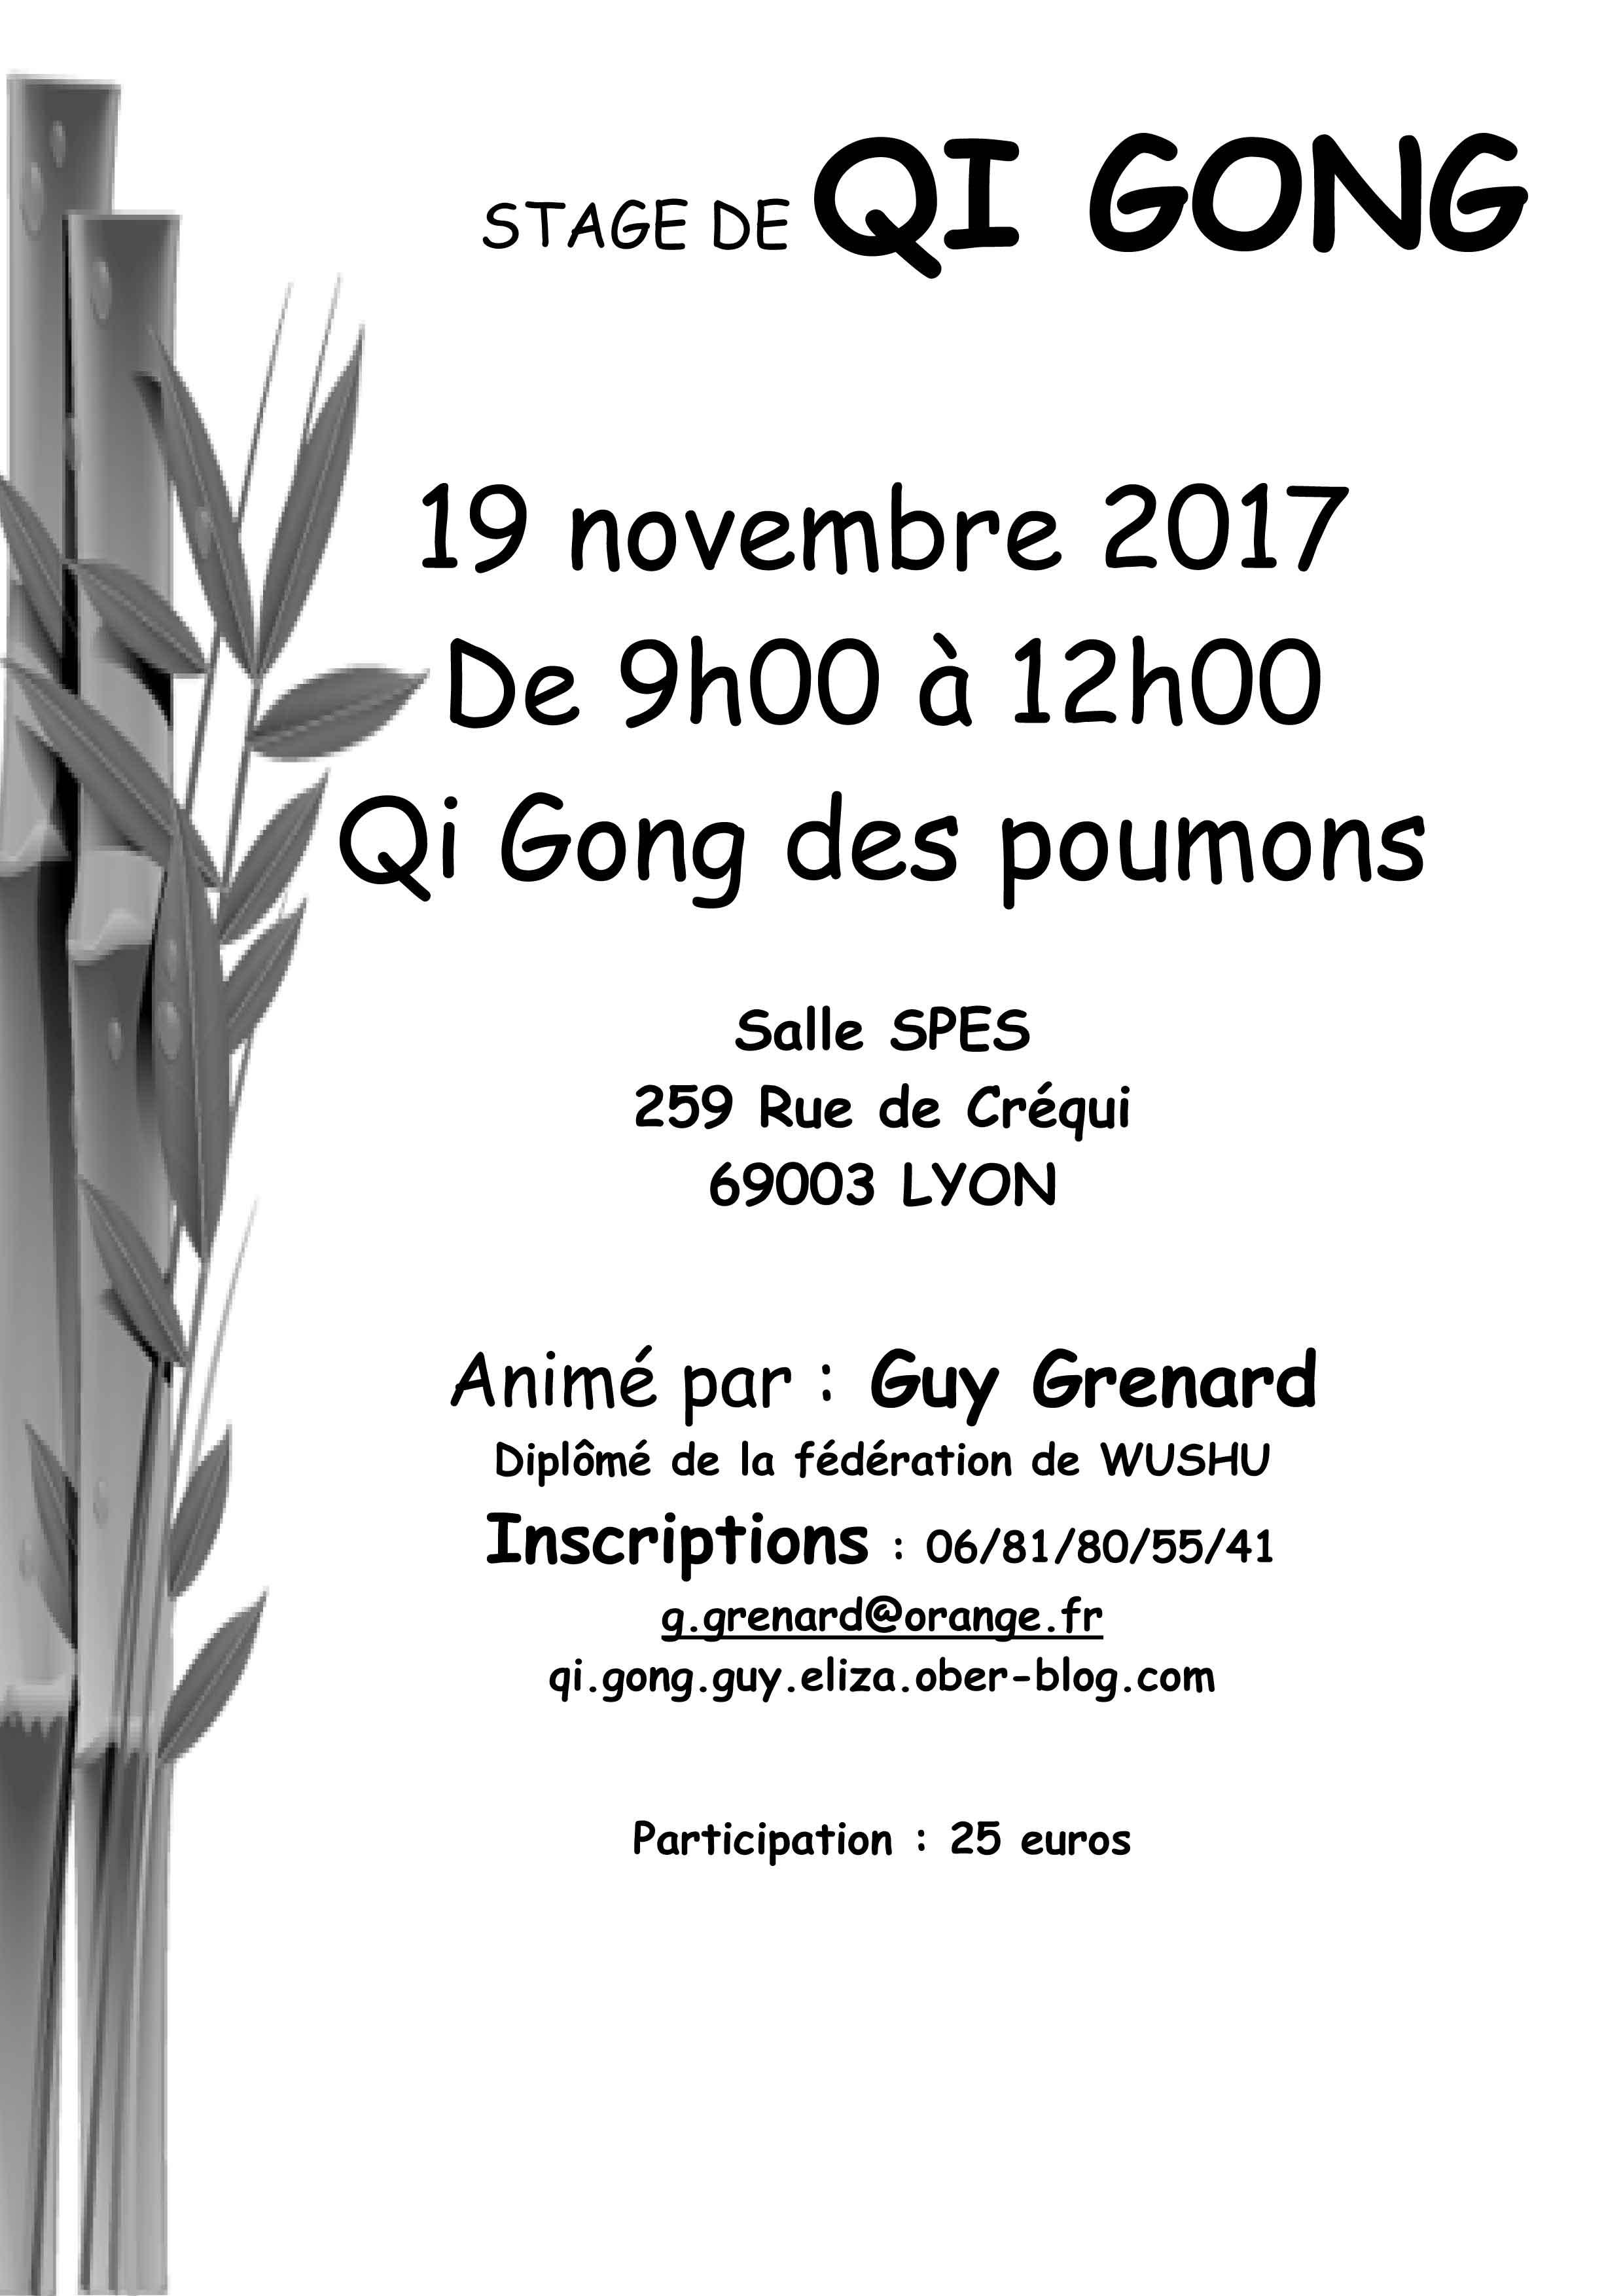 qi-gong-des-poumons - blogetrebien.fr